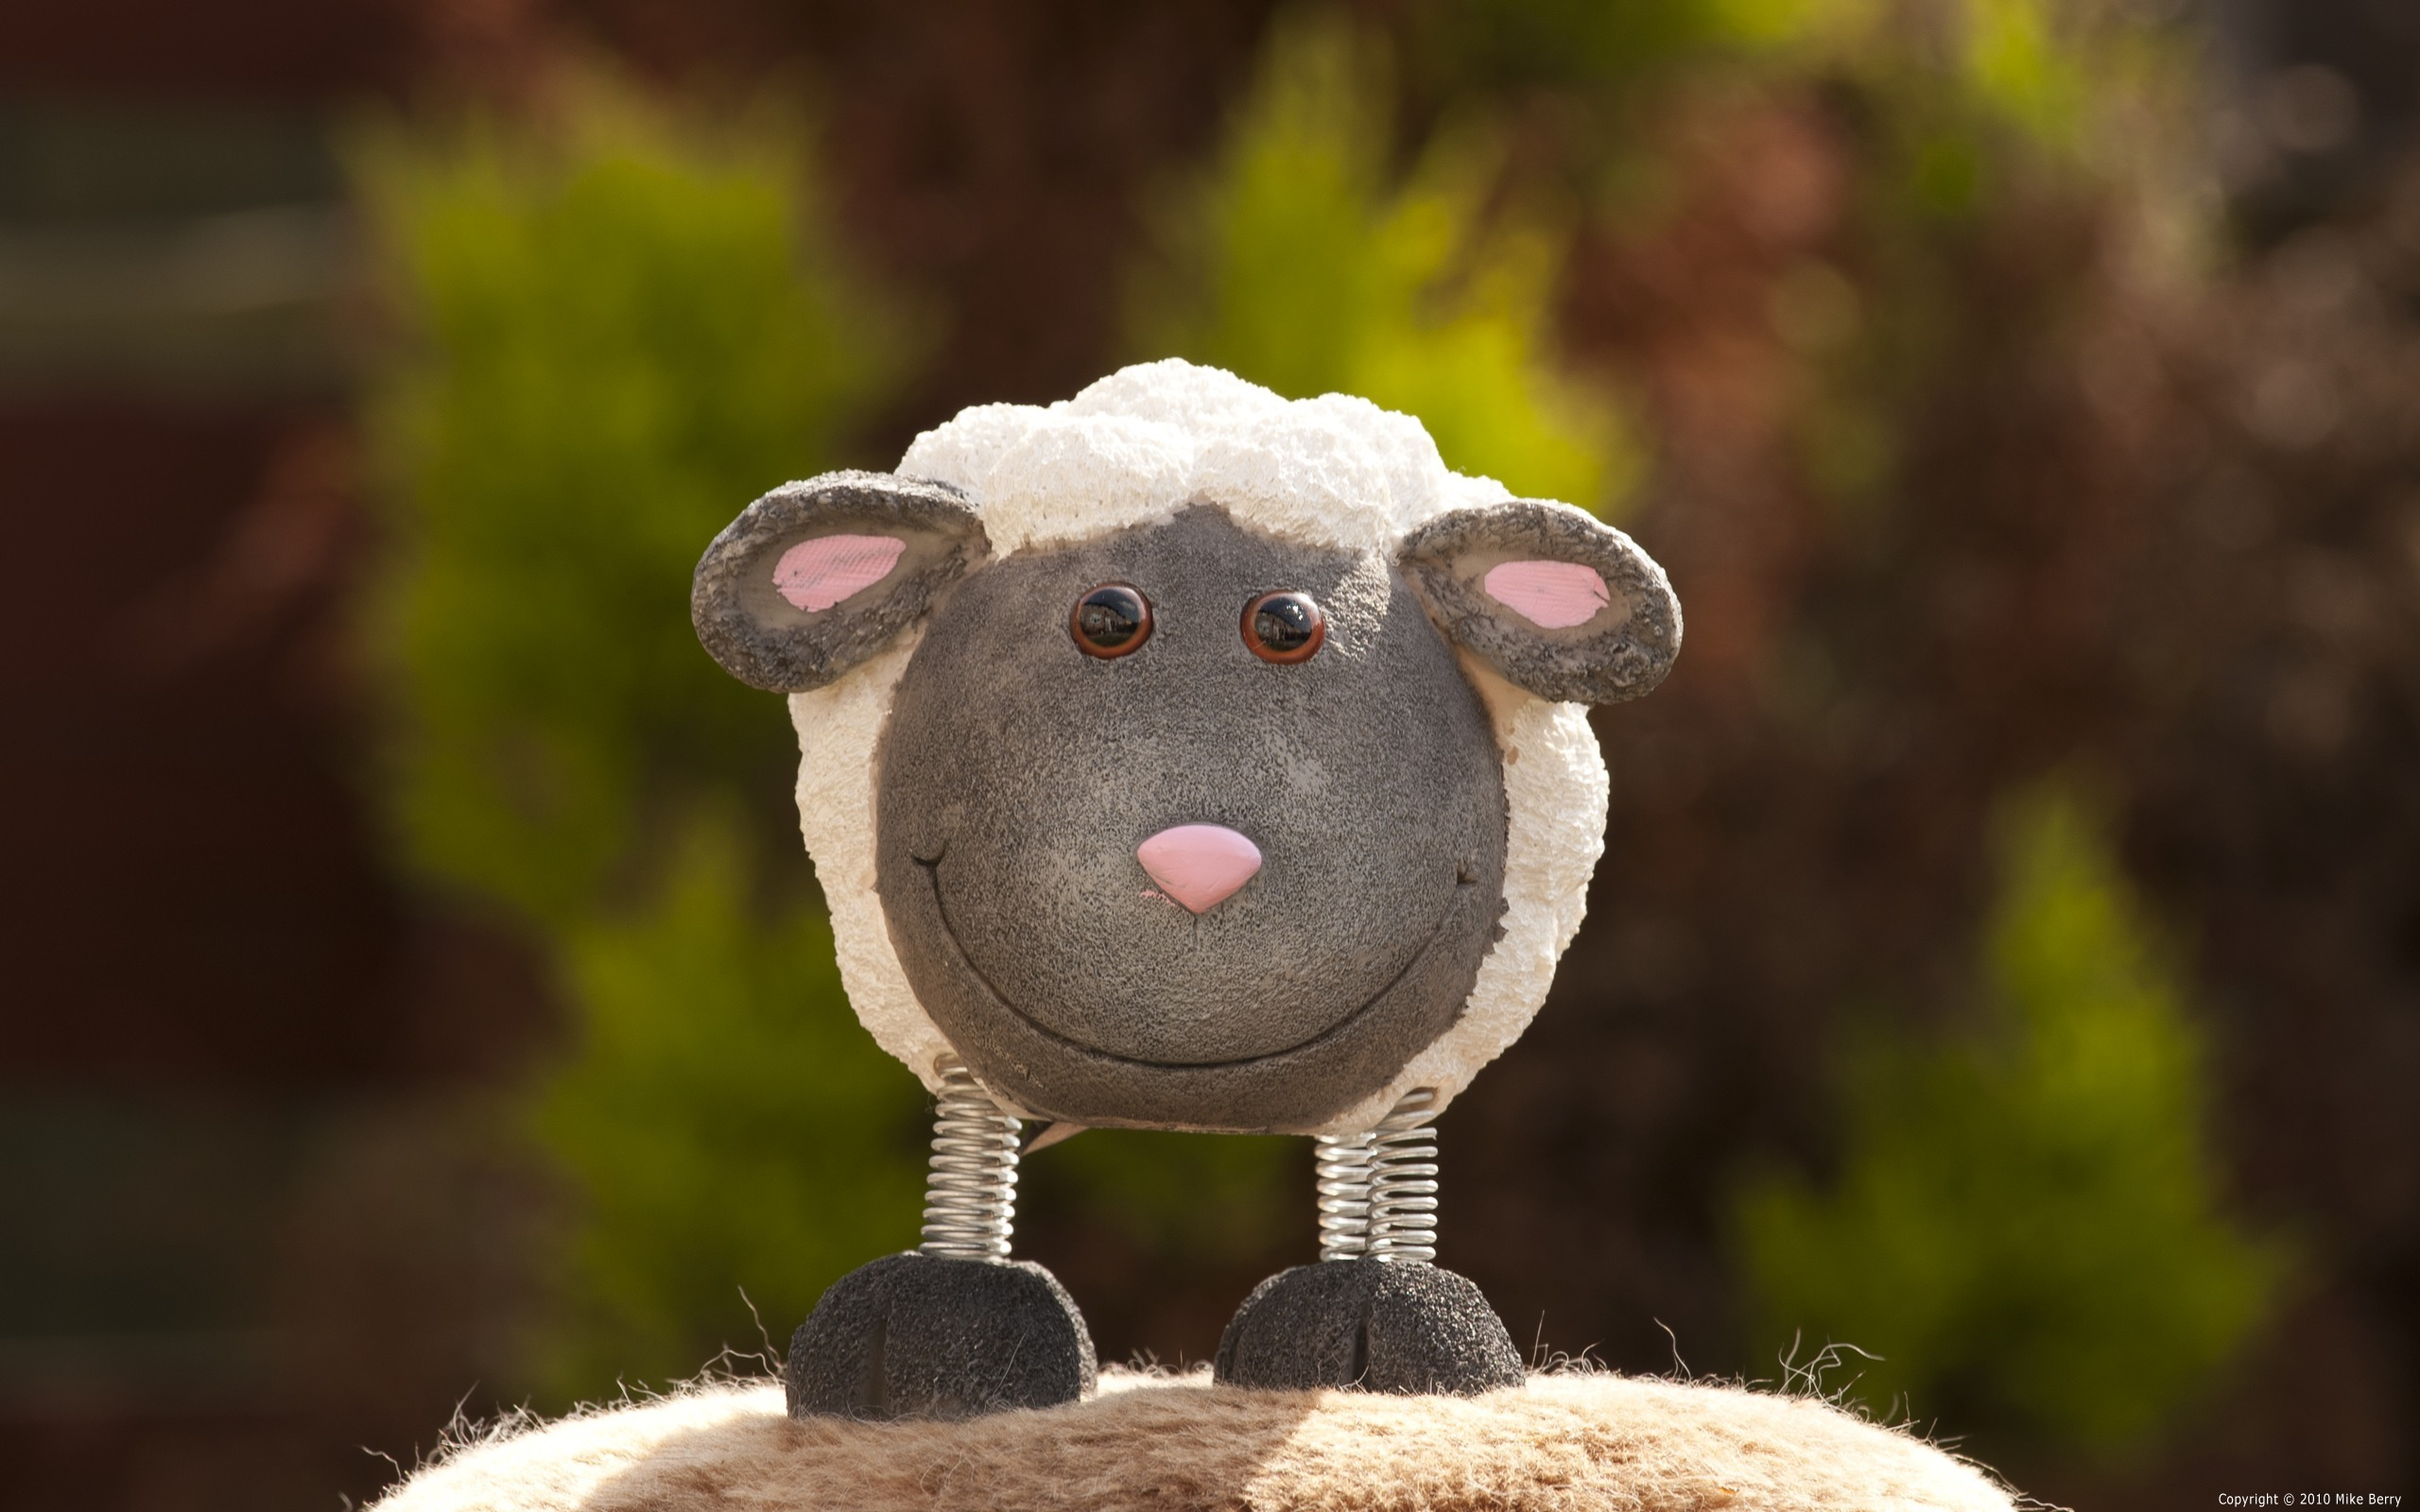 Smiling toy lamb